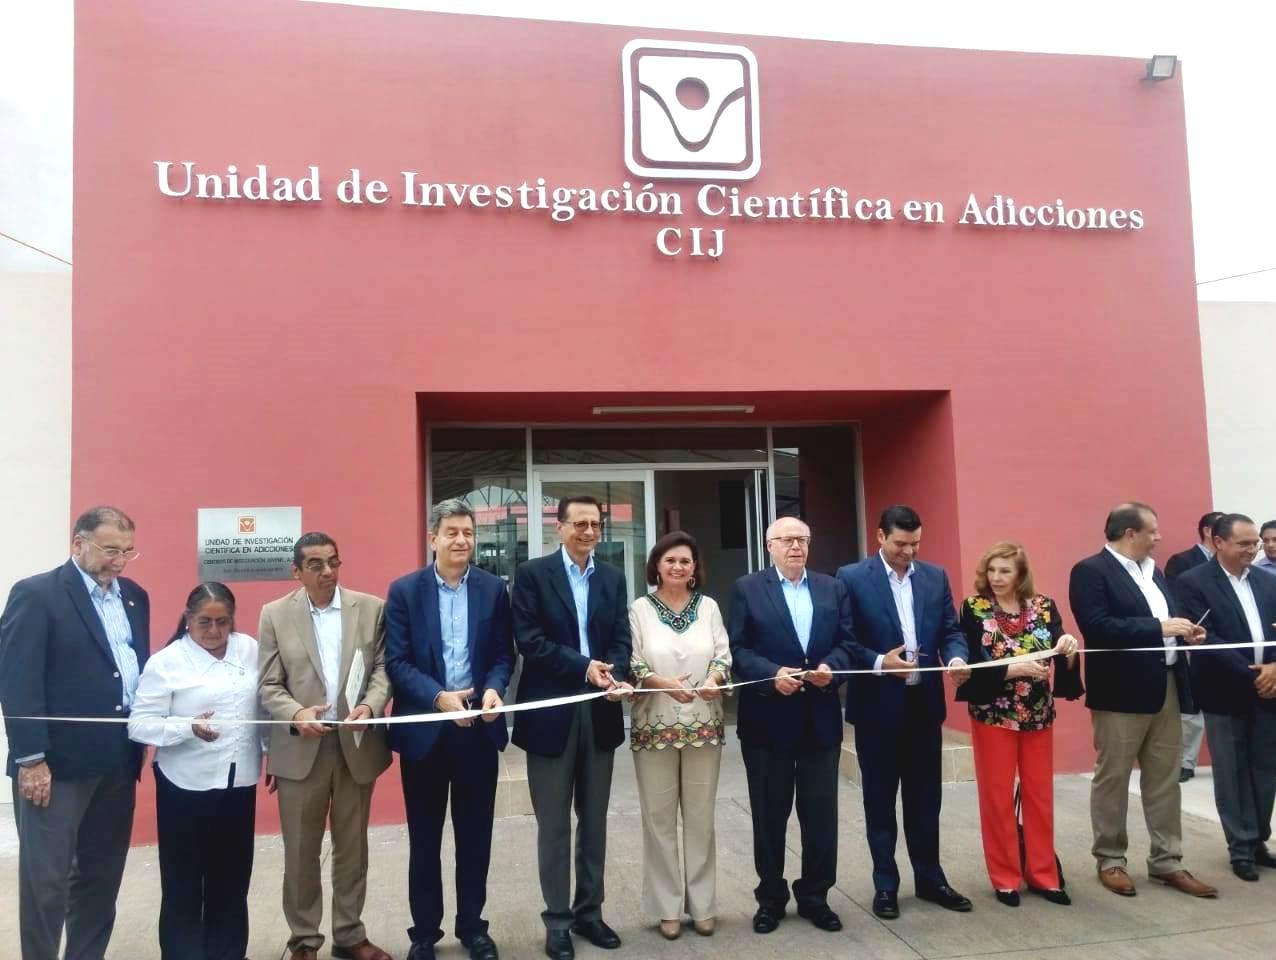 Inauguraron la Unidad de Investigación Científica en Adicciones en ese estado